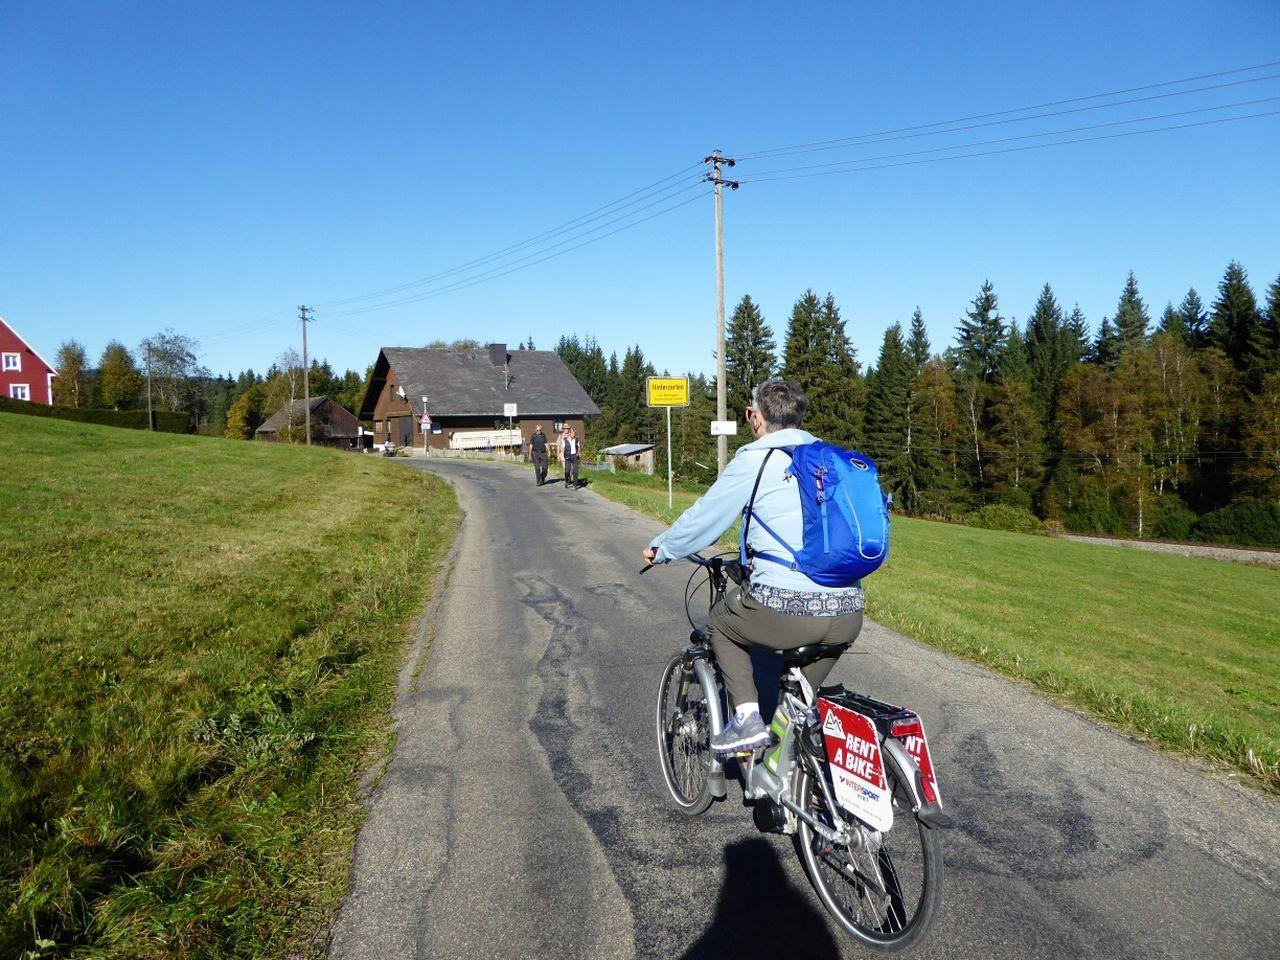 Hinterzarten Cycling Around Beautiful Day Enjoying The Sun